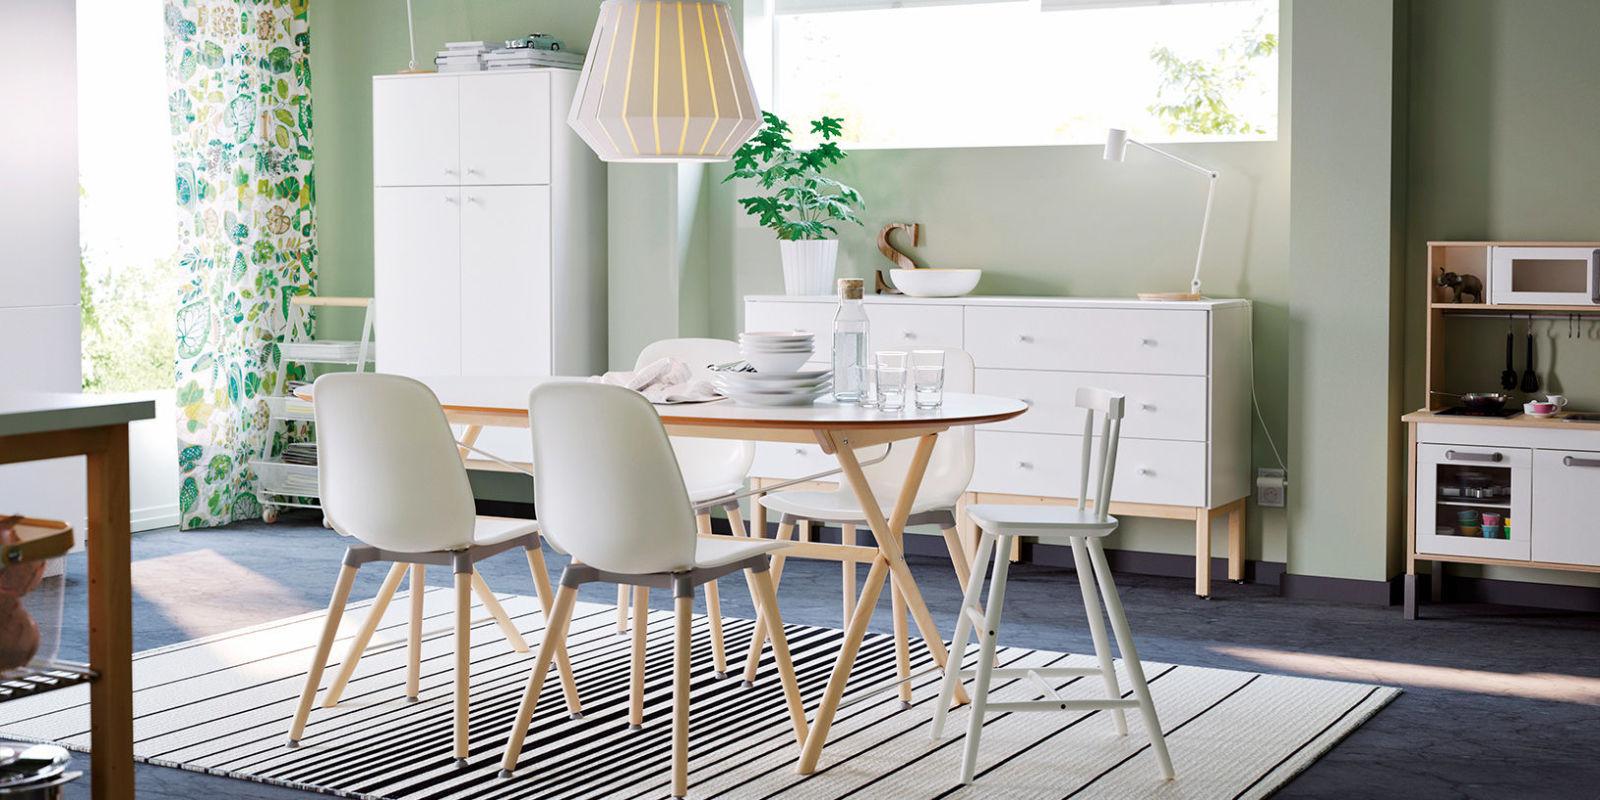 Ikea compra los muebles que ya no quieres for Ikea compra tus muebles